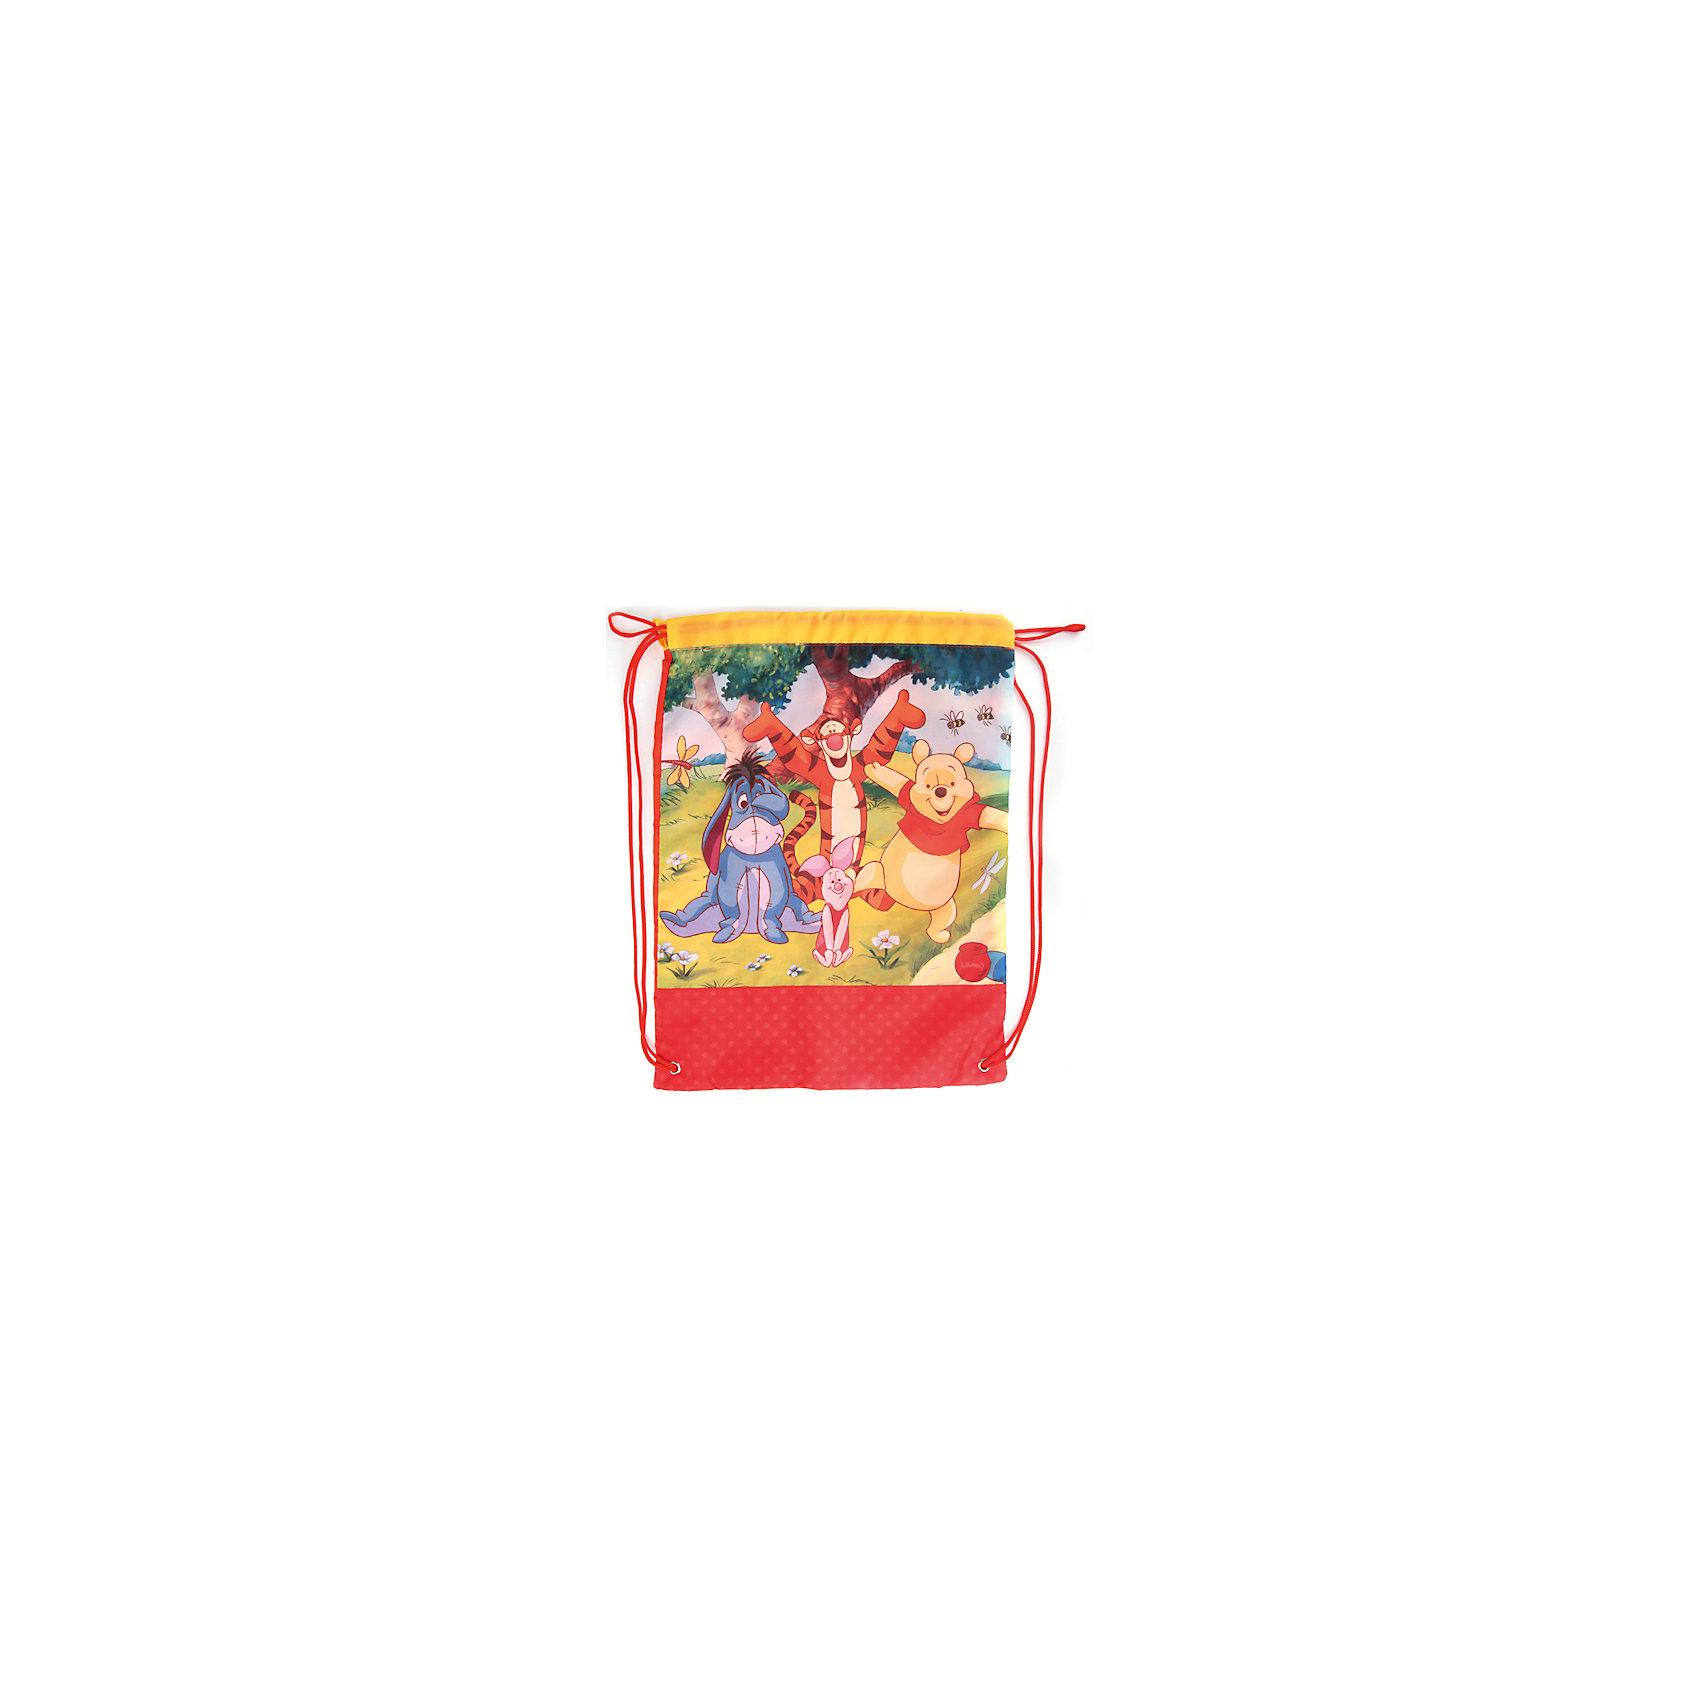 Мешок для обуви Винни ПухМешки для обуви<br>Мешок для обуви Винни Пух идеально подойдет для сменной обуви маленького школьника и для физкультурной формы. Мешок изготовлен из прочного высококачественного материала и имеет привлекательный дизайн с красно-желтой расцветкой и красочным изображением персонажей из диснеевских мультфильмов о медвежонке Винни-Пухе. Мешок затягивается сверху при помощи текстильных шнурков, которые фиксируются в нижней части сумки, благодаря чему ее можно носить за спиной как рюкзак.<br><br>Дополнительная информация:<br><br>- Материал: 100% полиэстер.<br>- Размер: 46 х 34 см.<br>- Вес: 0,22 кг. <br><br>Мешок для обуви Винни Пух, Играем Вместе, можно купить в нашем интернет-магазине.<br><br>Ширина мм: 116<br>Глубина мм: 194<br>Высота мм: 10<br>Вес г: 220<br>Возраст от месяцев: 48<br>Возраст до месяцев: 96<br>Пол: Унисекс<br>Возраст: Детский<br>SKU: 4637666